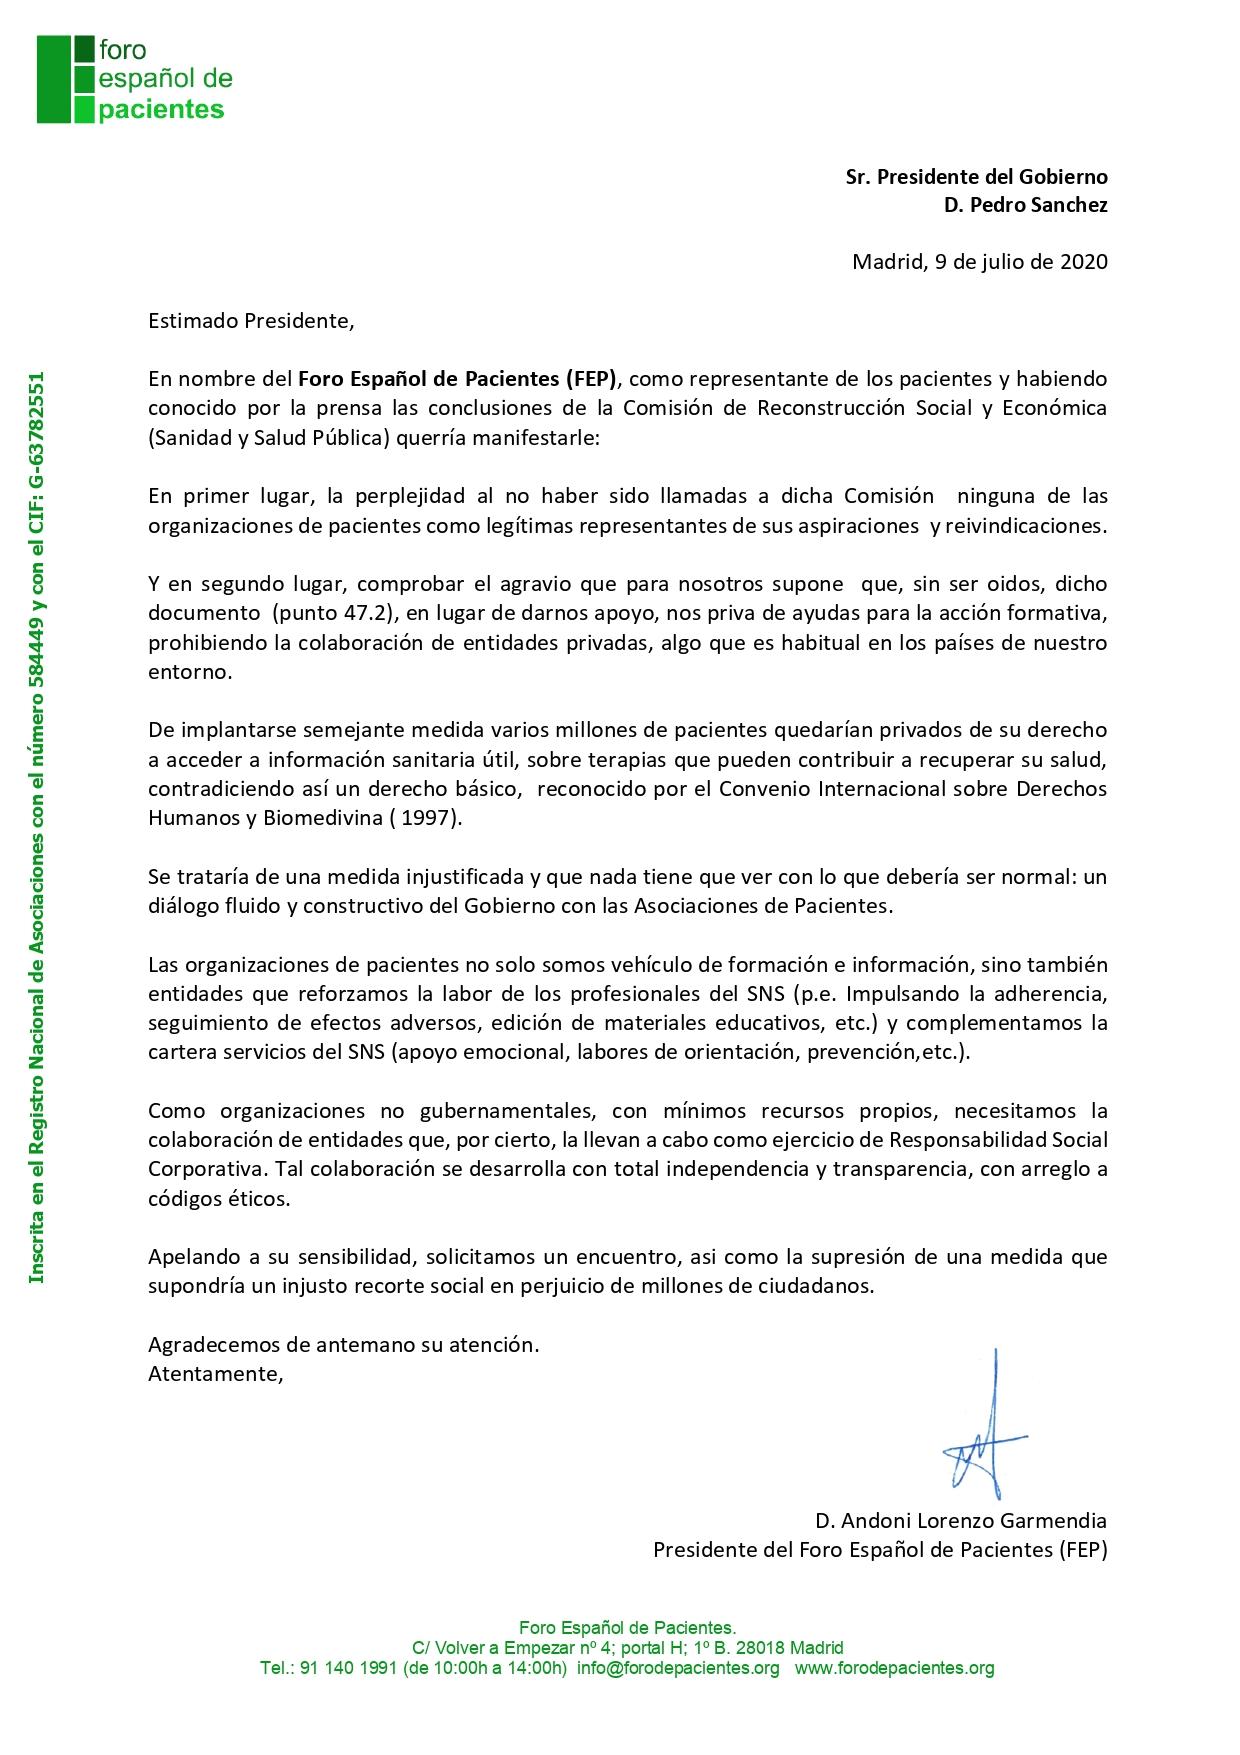 FEP Anteproyecto Ley financiación AAPP Presidente page 0001 - Las Organizaciones de Pacientes en el punto de mira